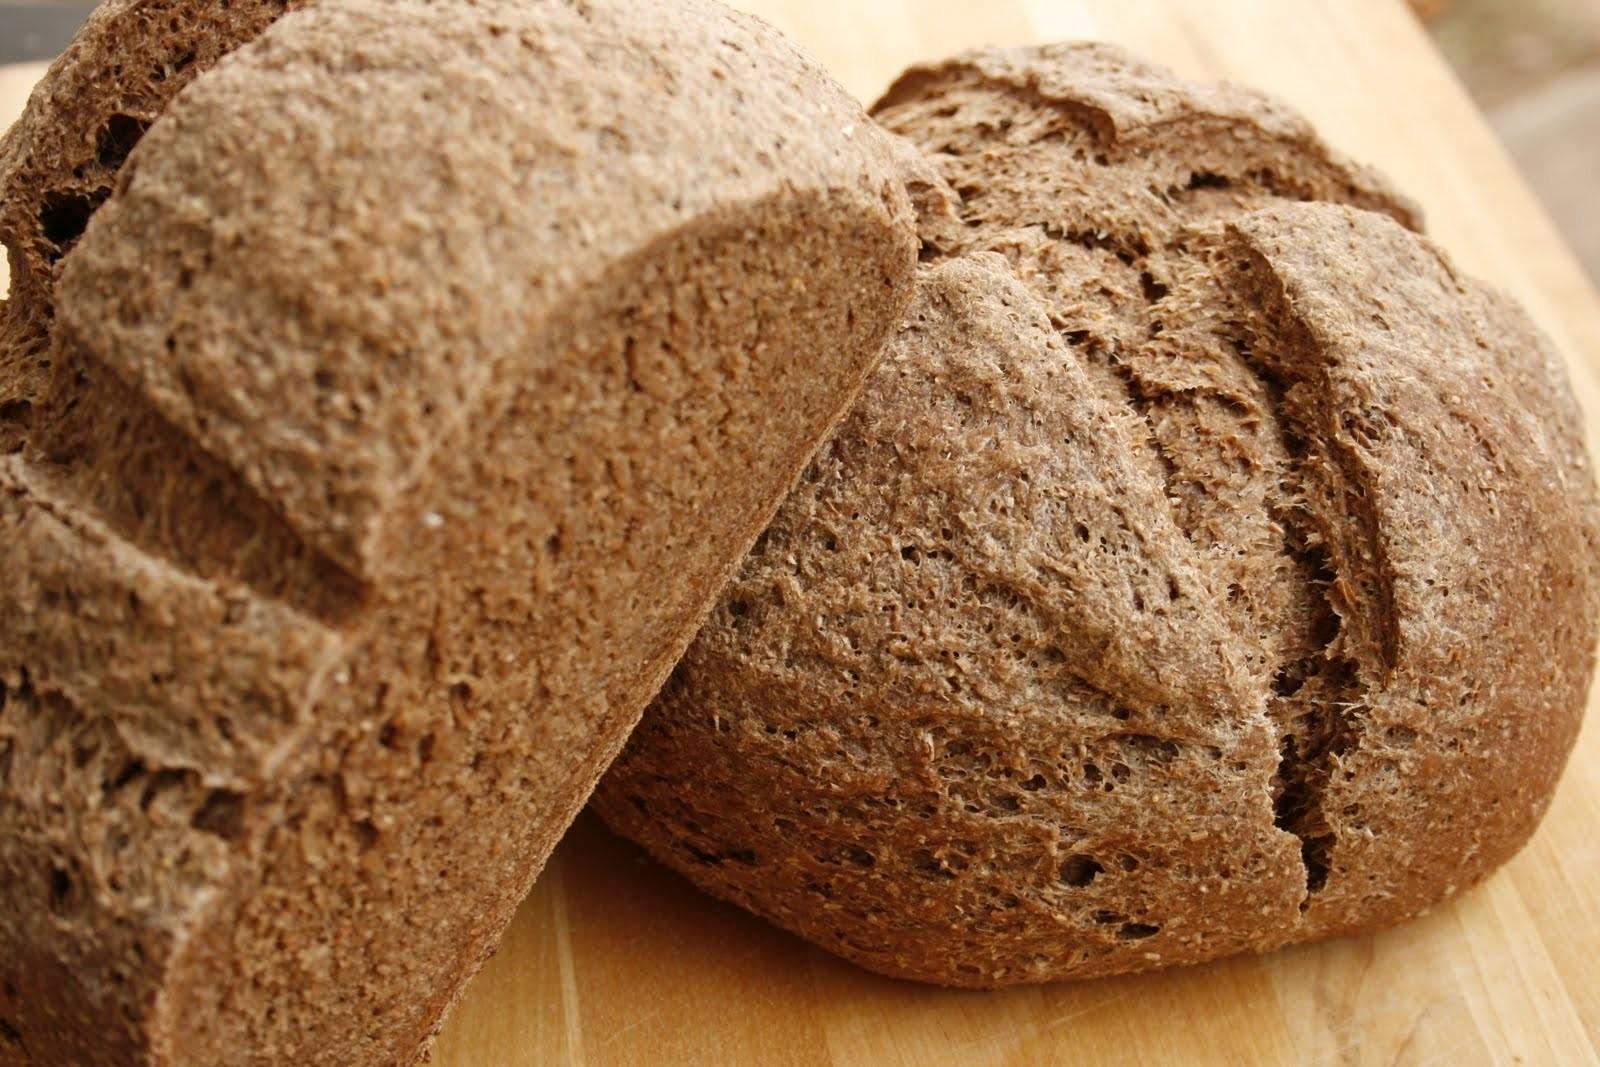 Mẹ bầu nên chọn bánh mì ngũ cốc nguyên hạt để không làm tăng lượng đường trong máu